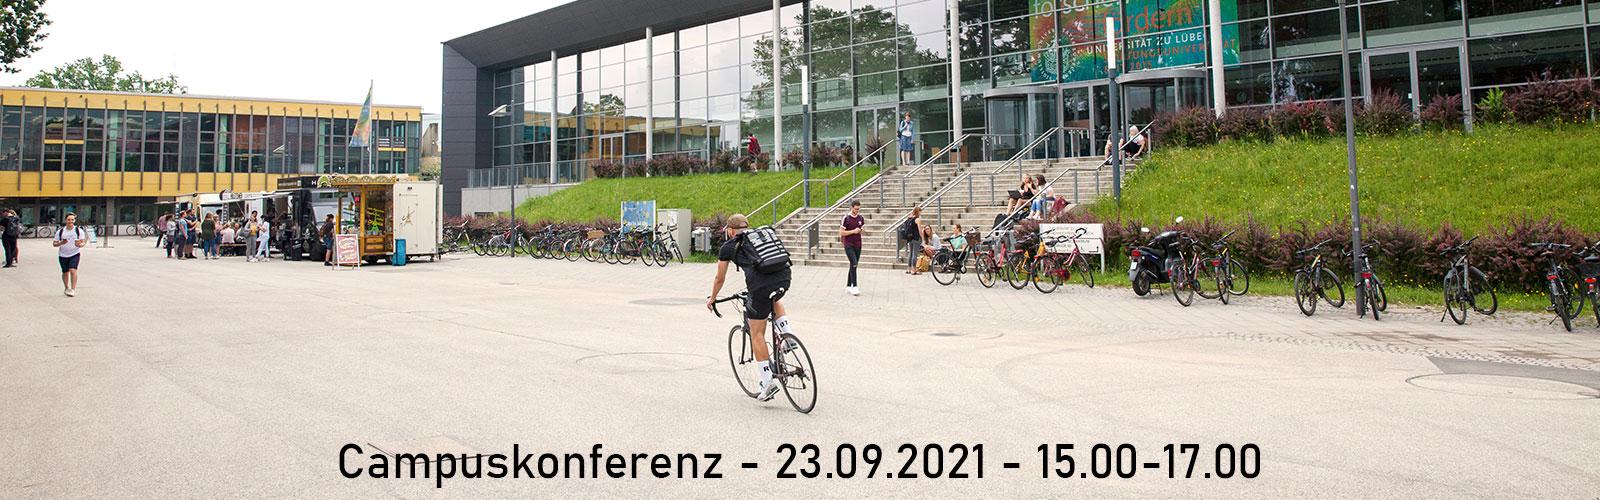 Campuskonferenz @ Audimax Lübeck